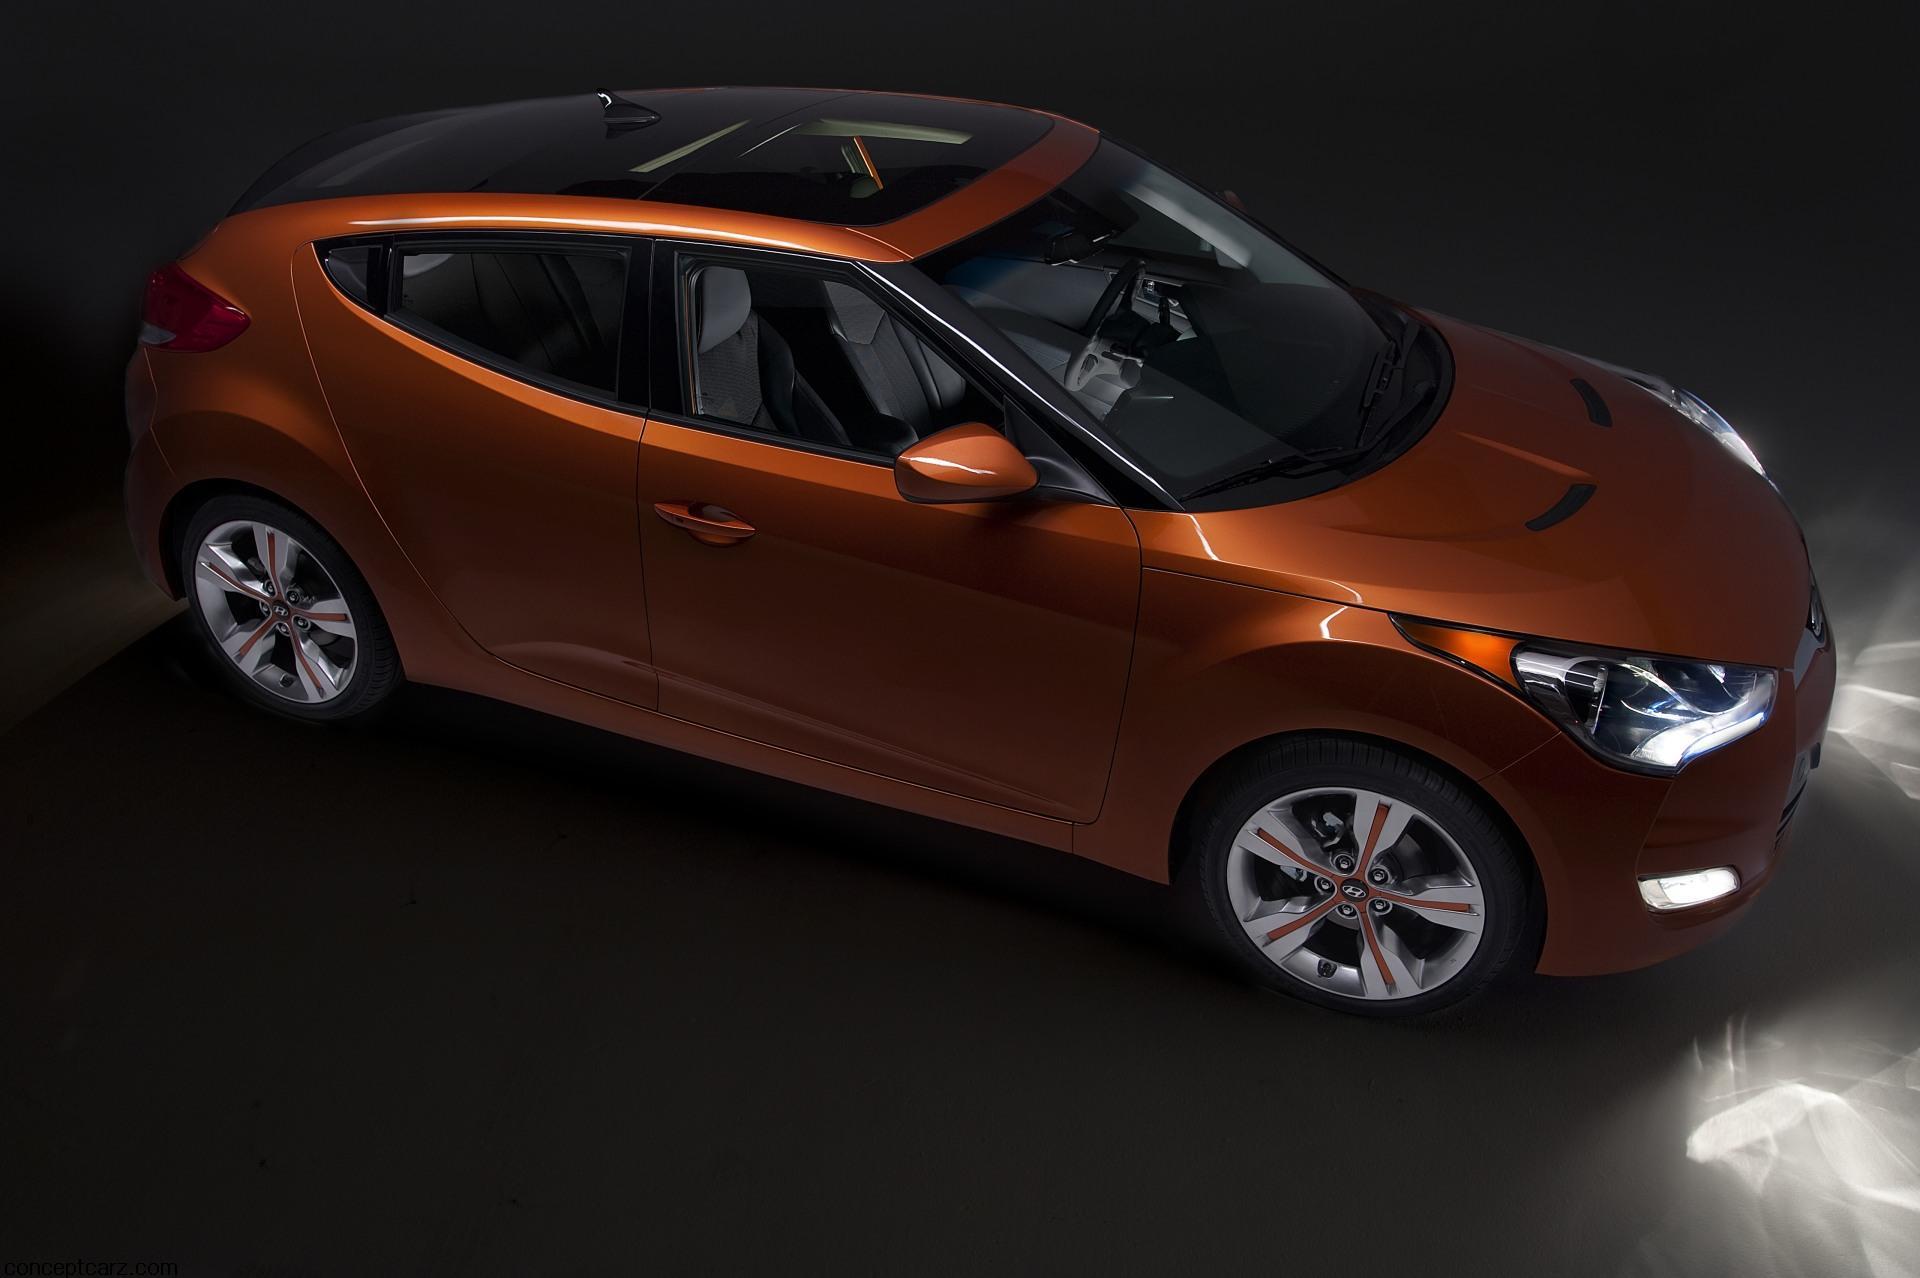 & 2012 Hyundai Veloster News and Information | conceptcarz.com